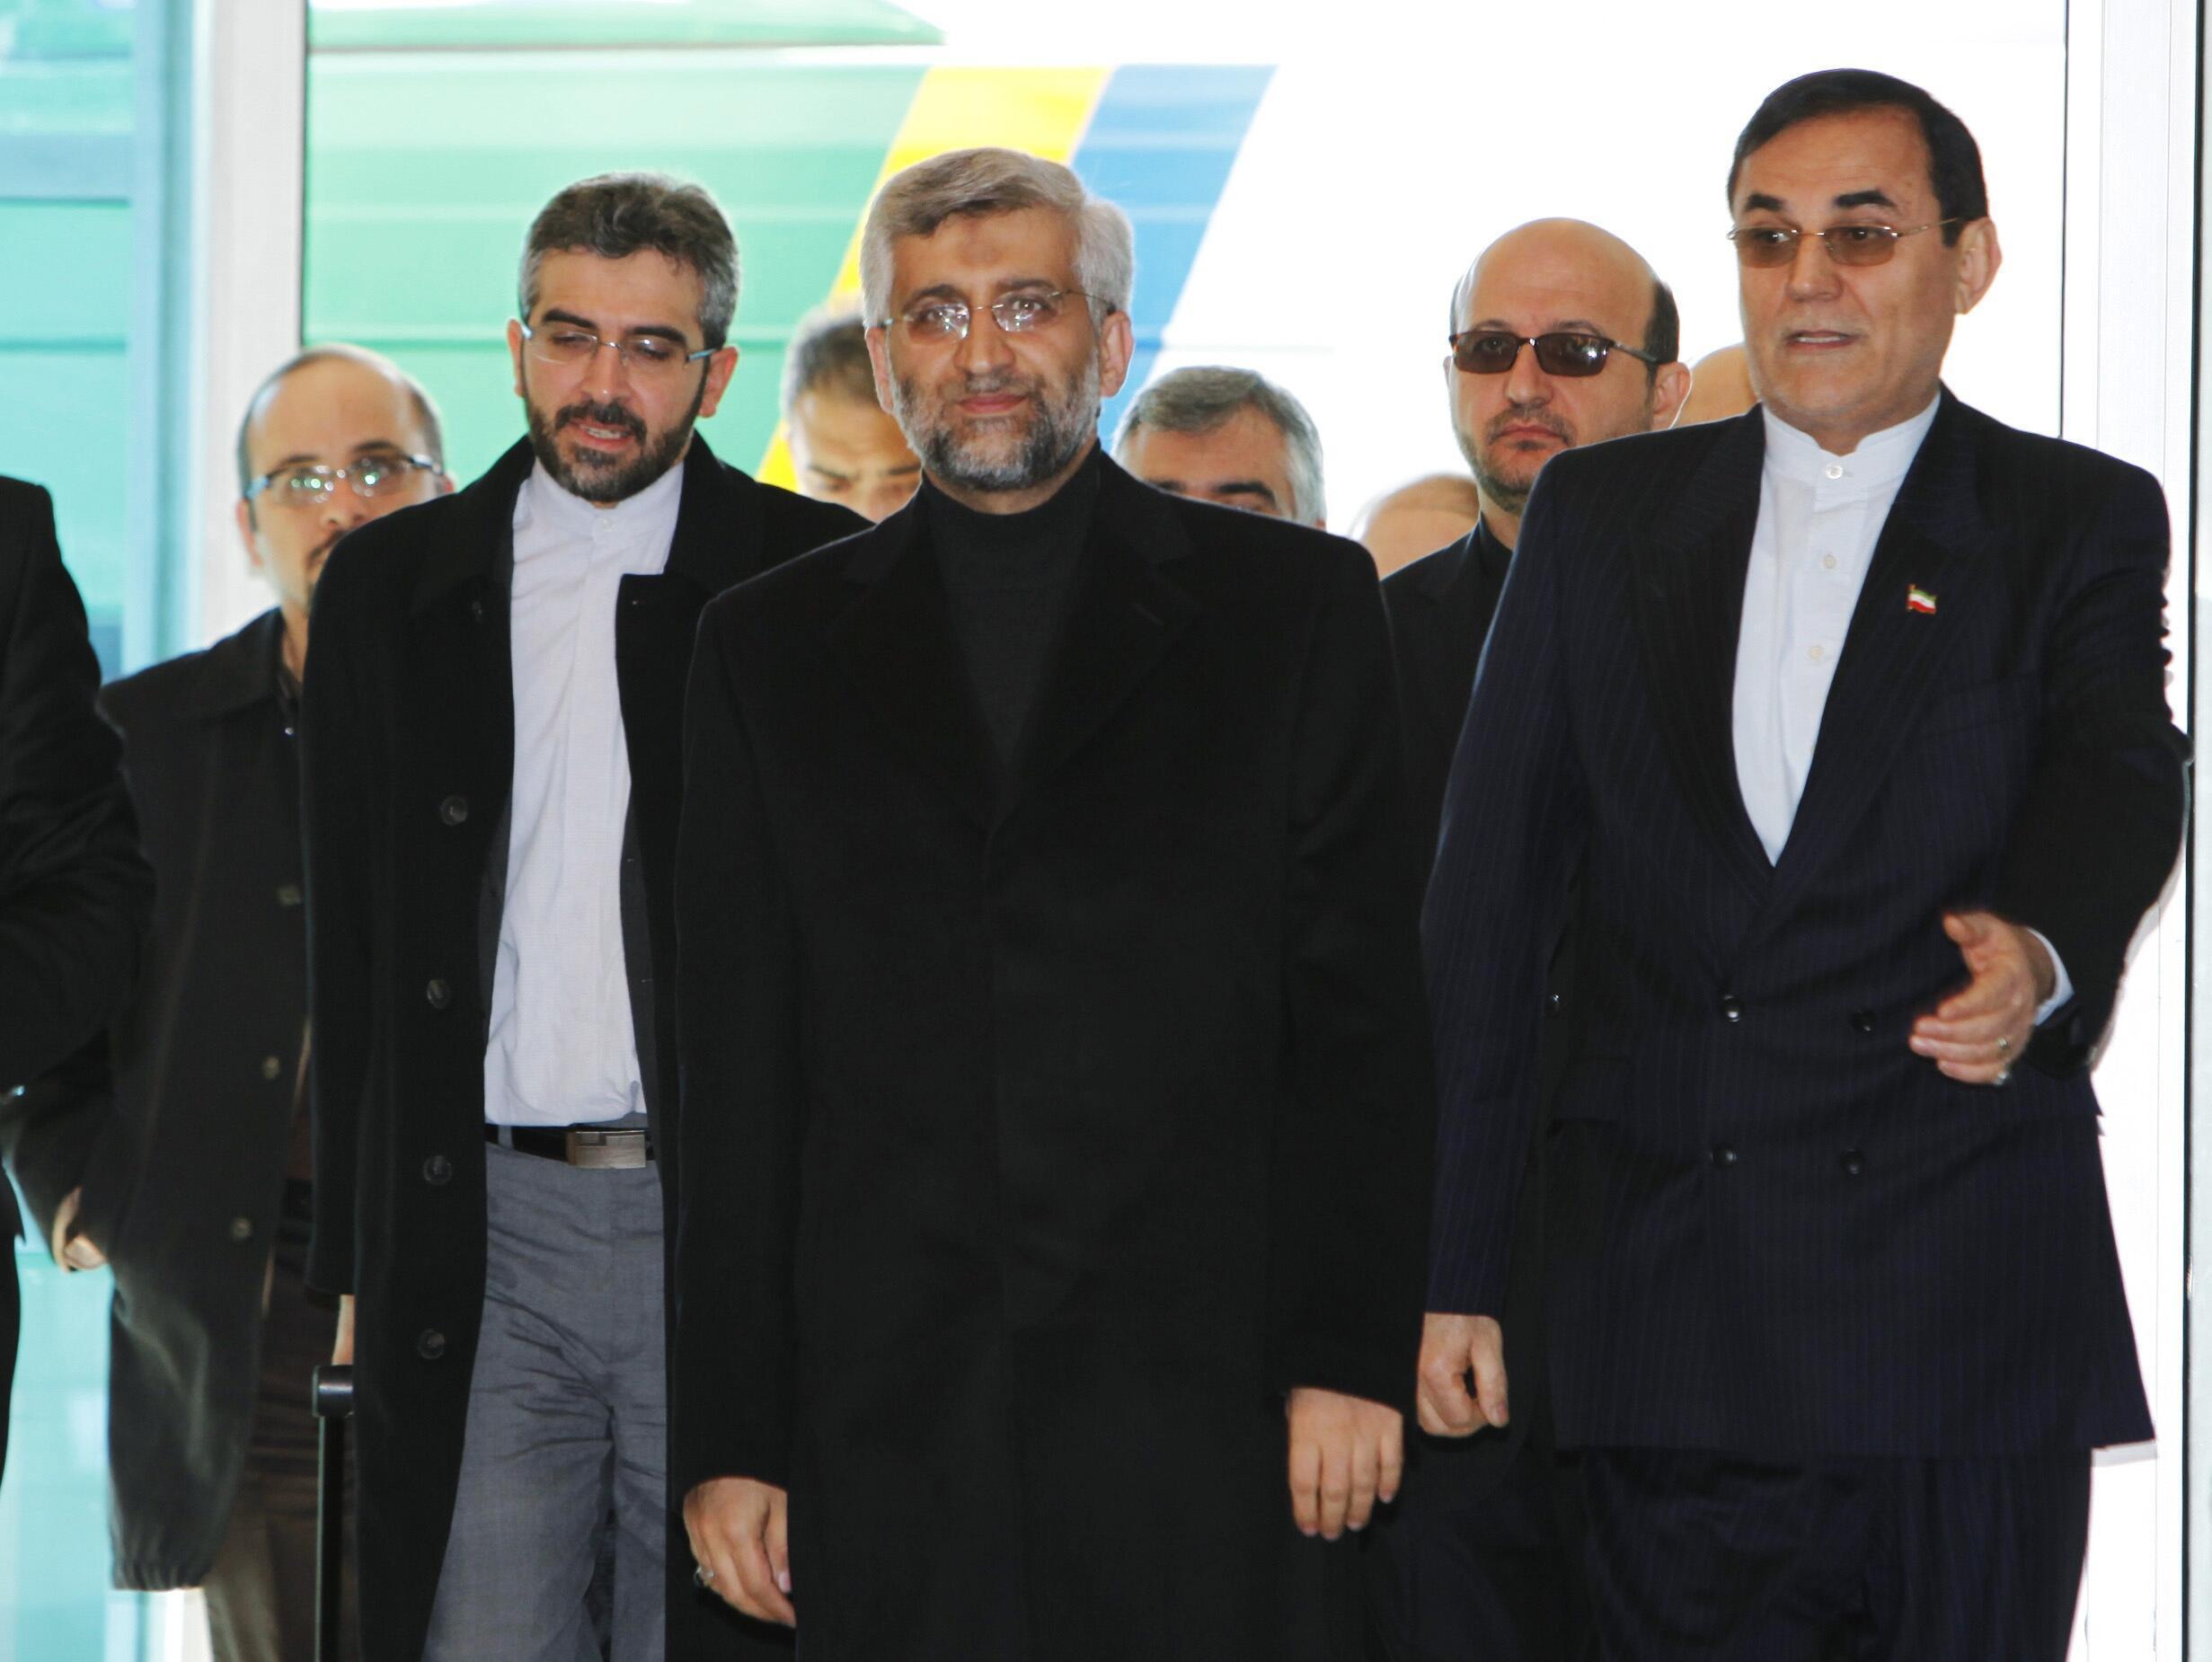 O negociador chefe do Irã, Saeed Jalili (centro), na chegada ao aeroporto de Istambul,  dia 20 de janeiro de 2011.